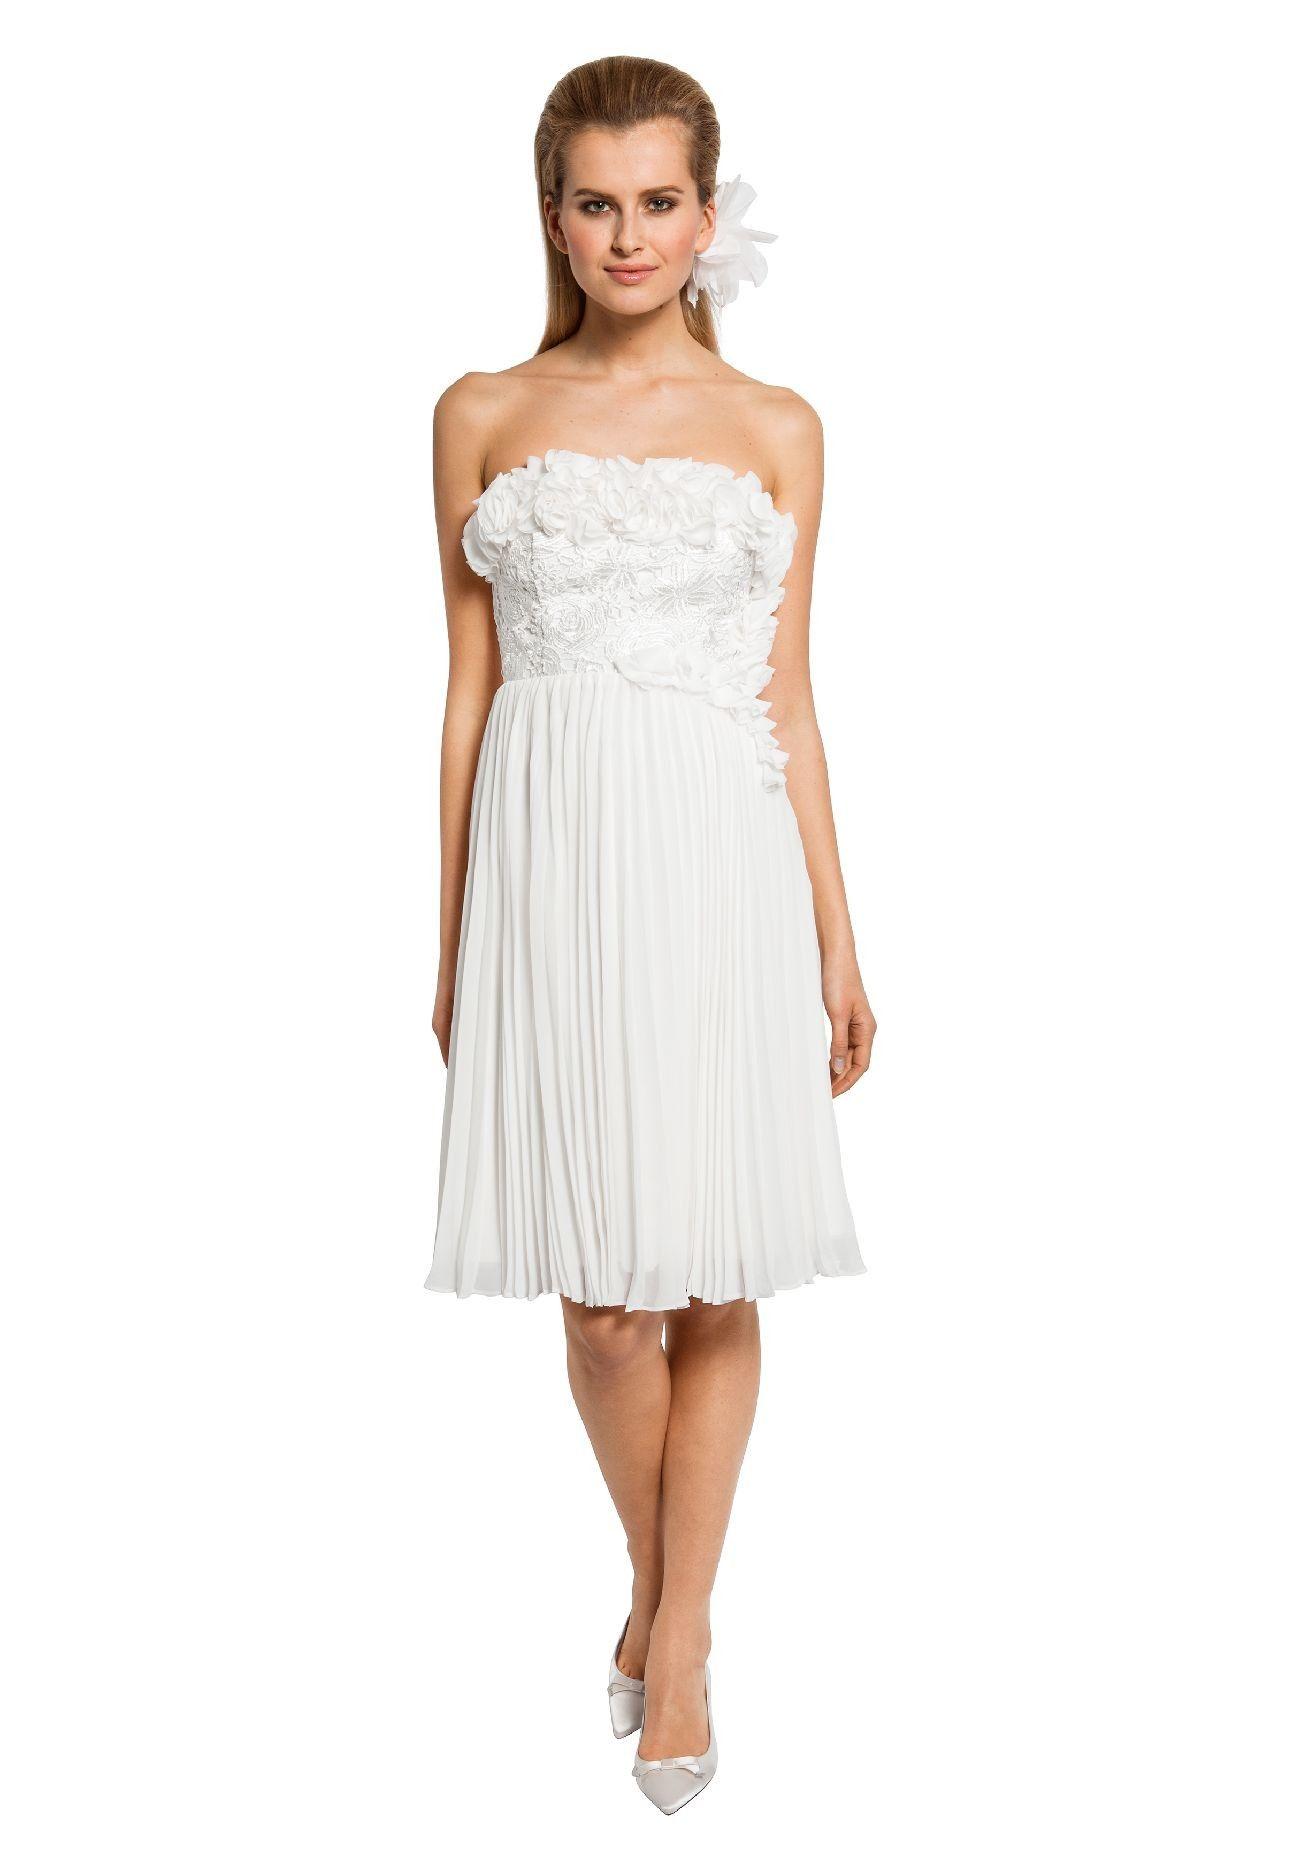 bandeaukleid   kleider, hochzeitskleid, modestil